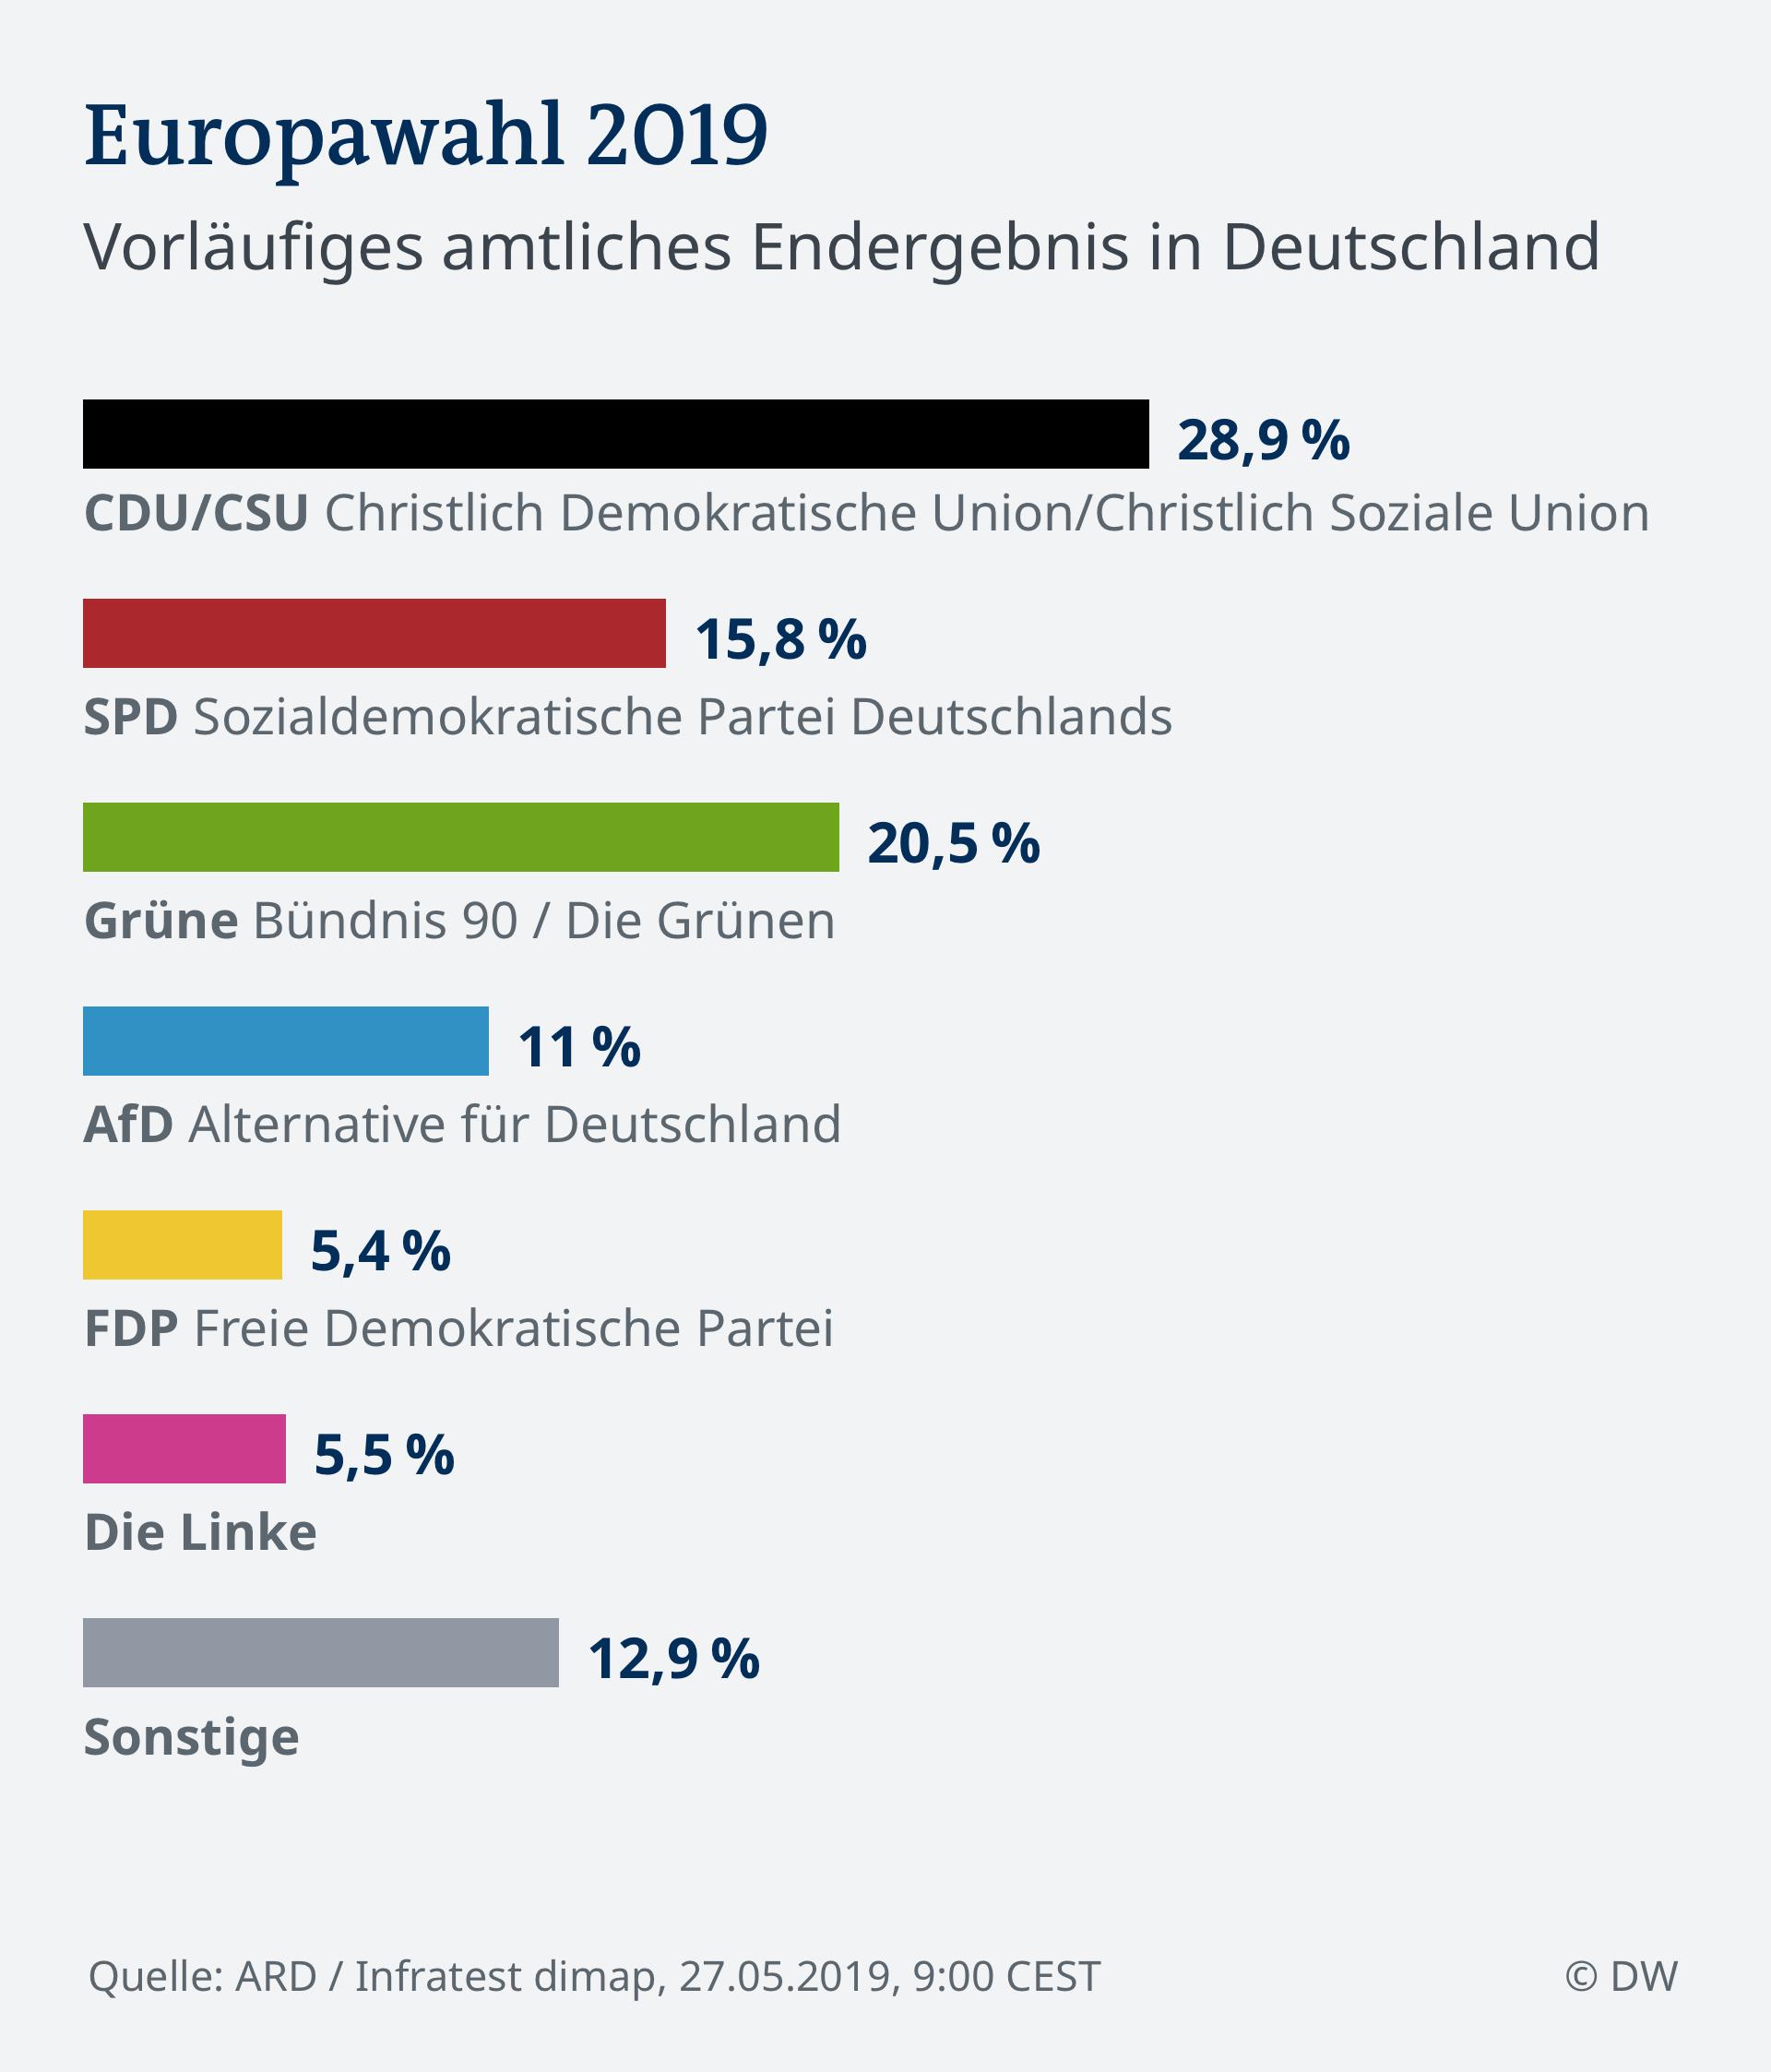 Infografik Vorl. amtl. Endergebnis 9:00 EU Wahl 2019 - Deutschland DEU